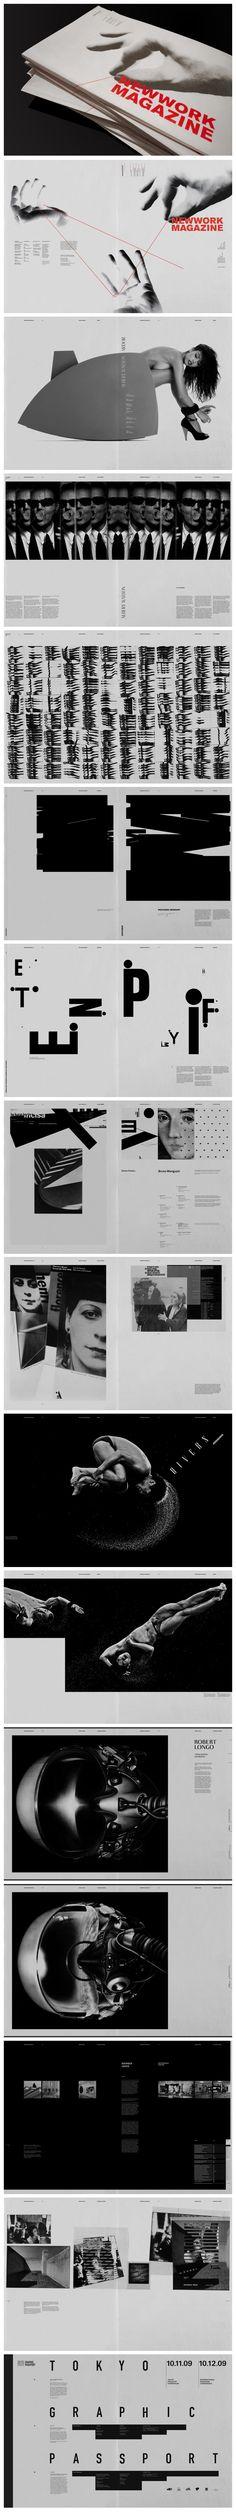 NEWWORK MAGAZINE – nº 4 Proposta visual interessante, bem clean e com uma direção de arte fotográfica bem artística